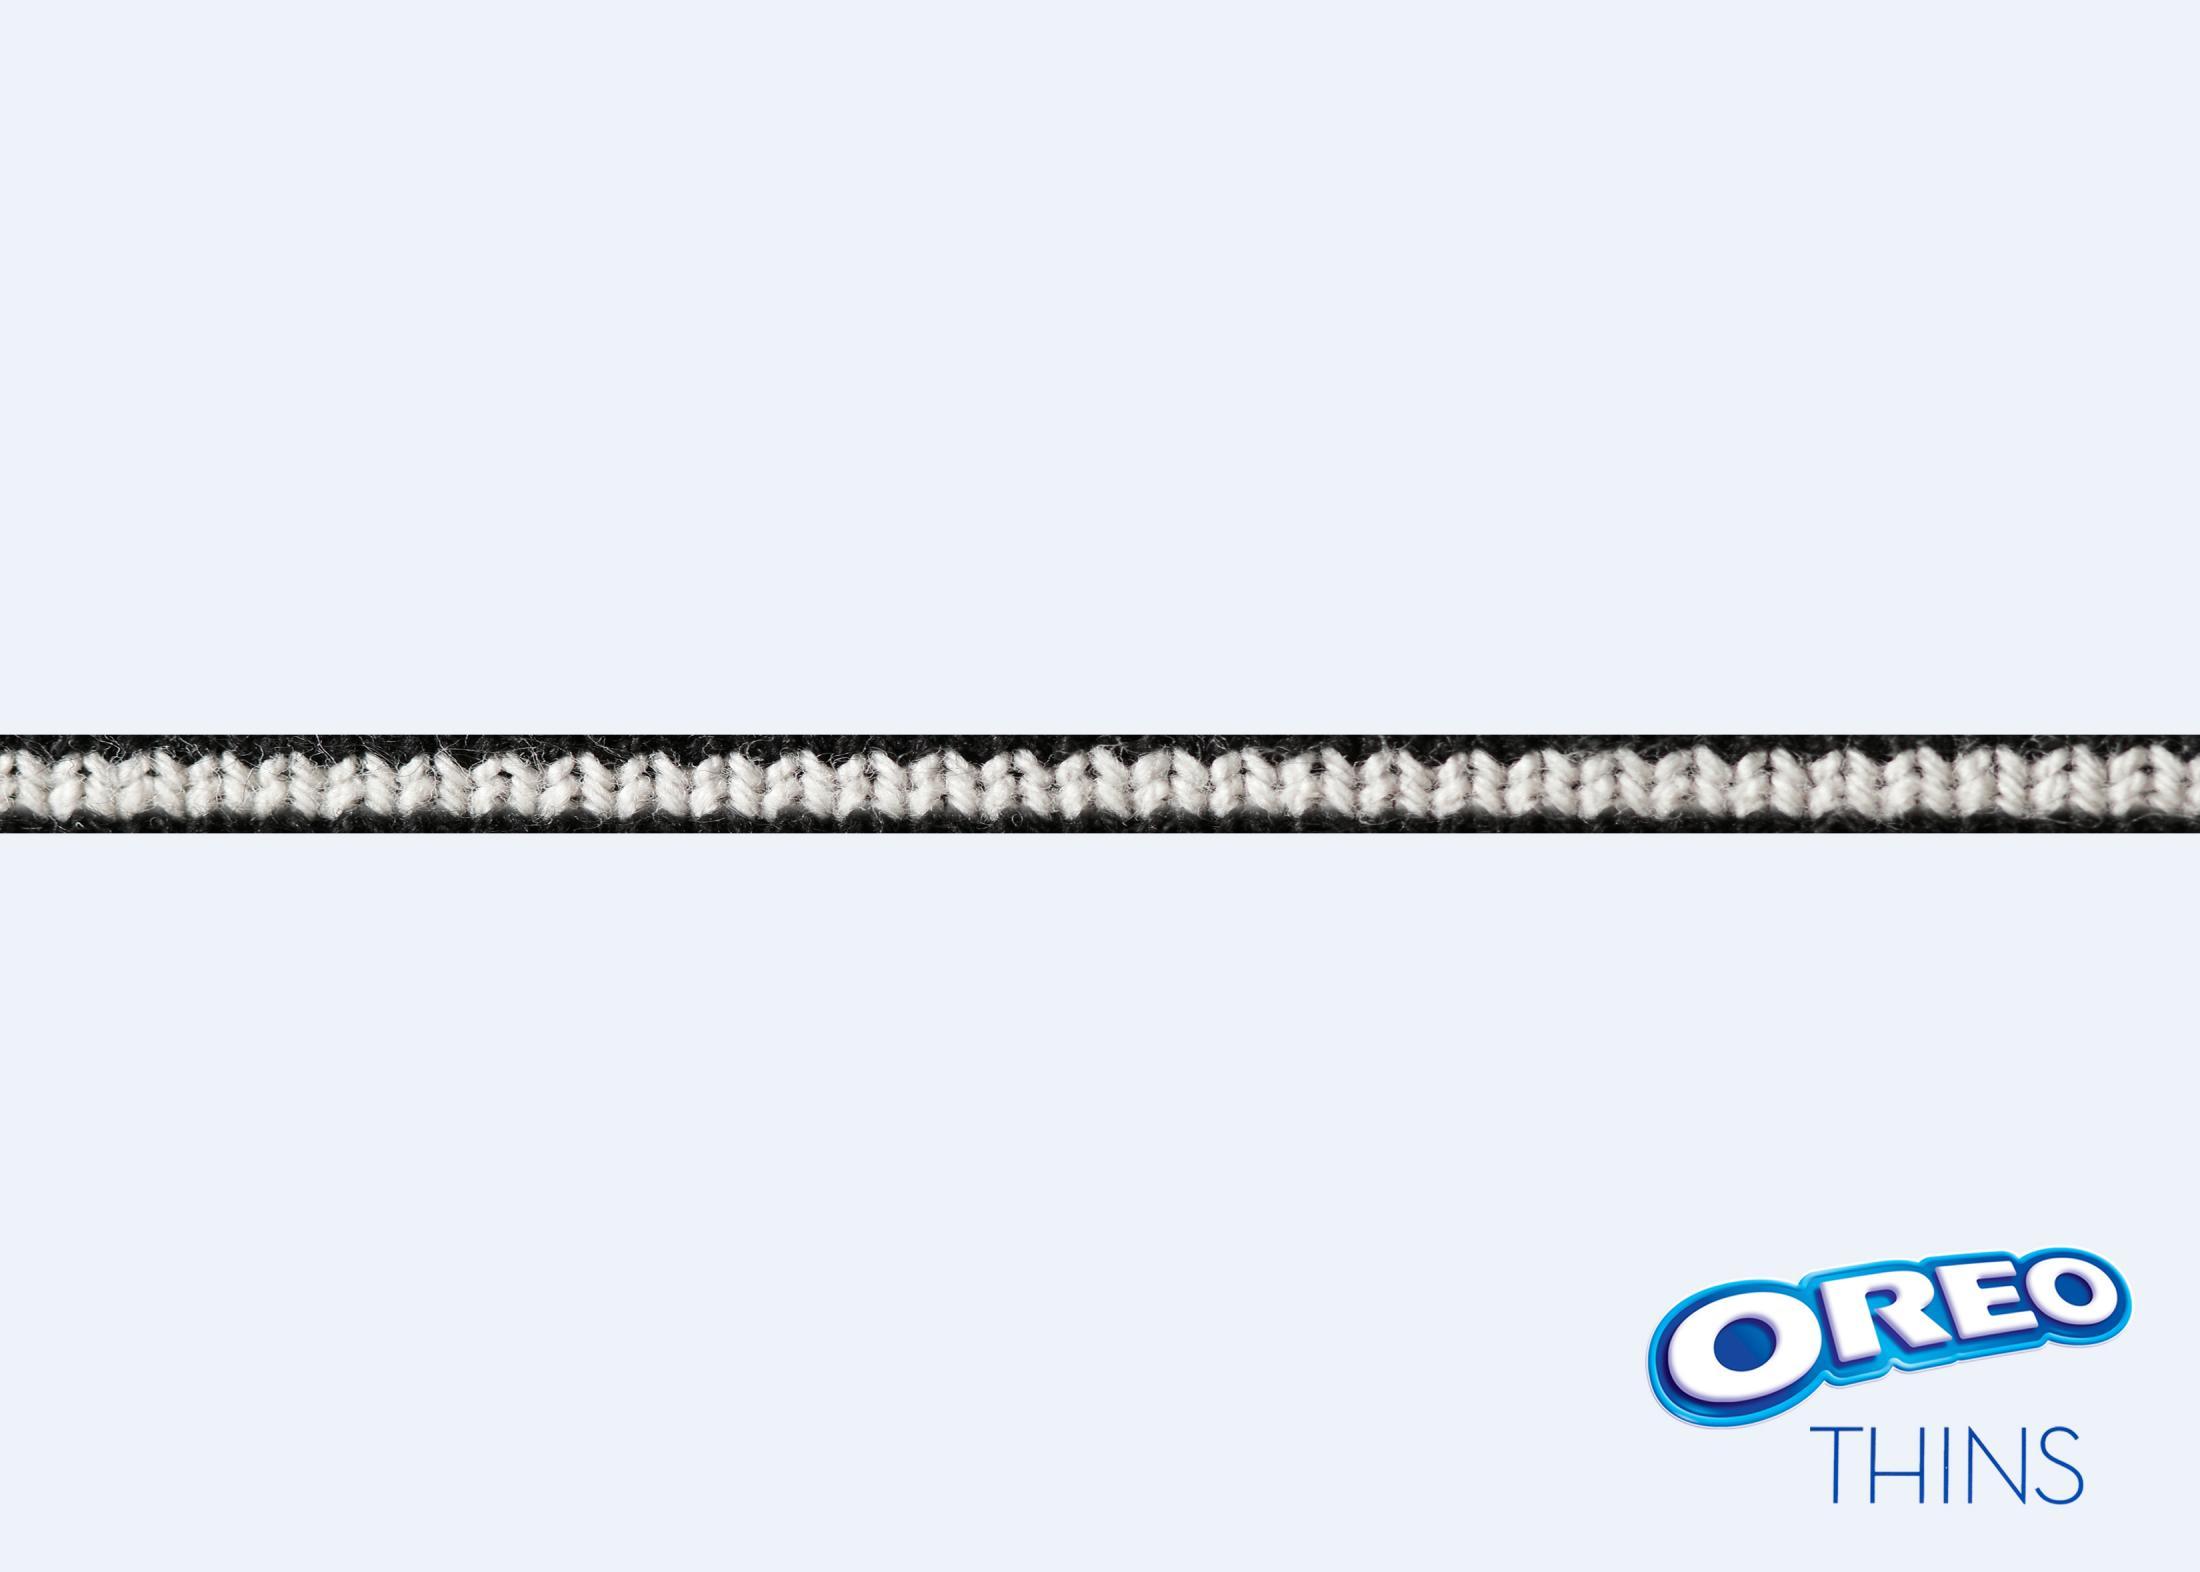 Oreo Print Ad - Knit